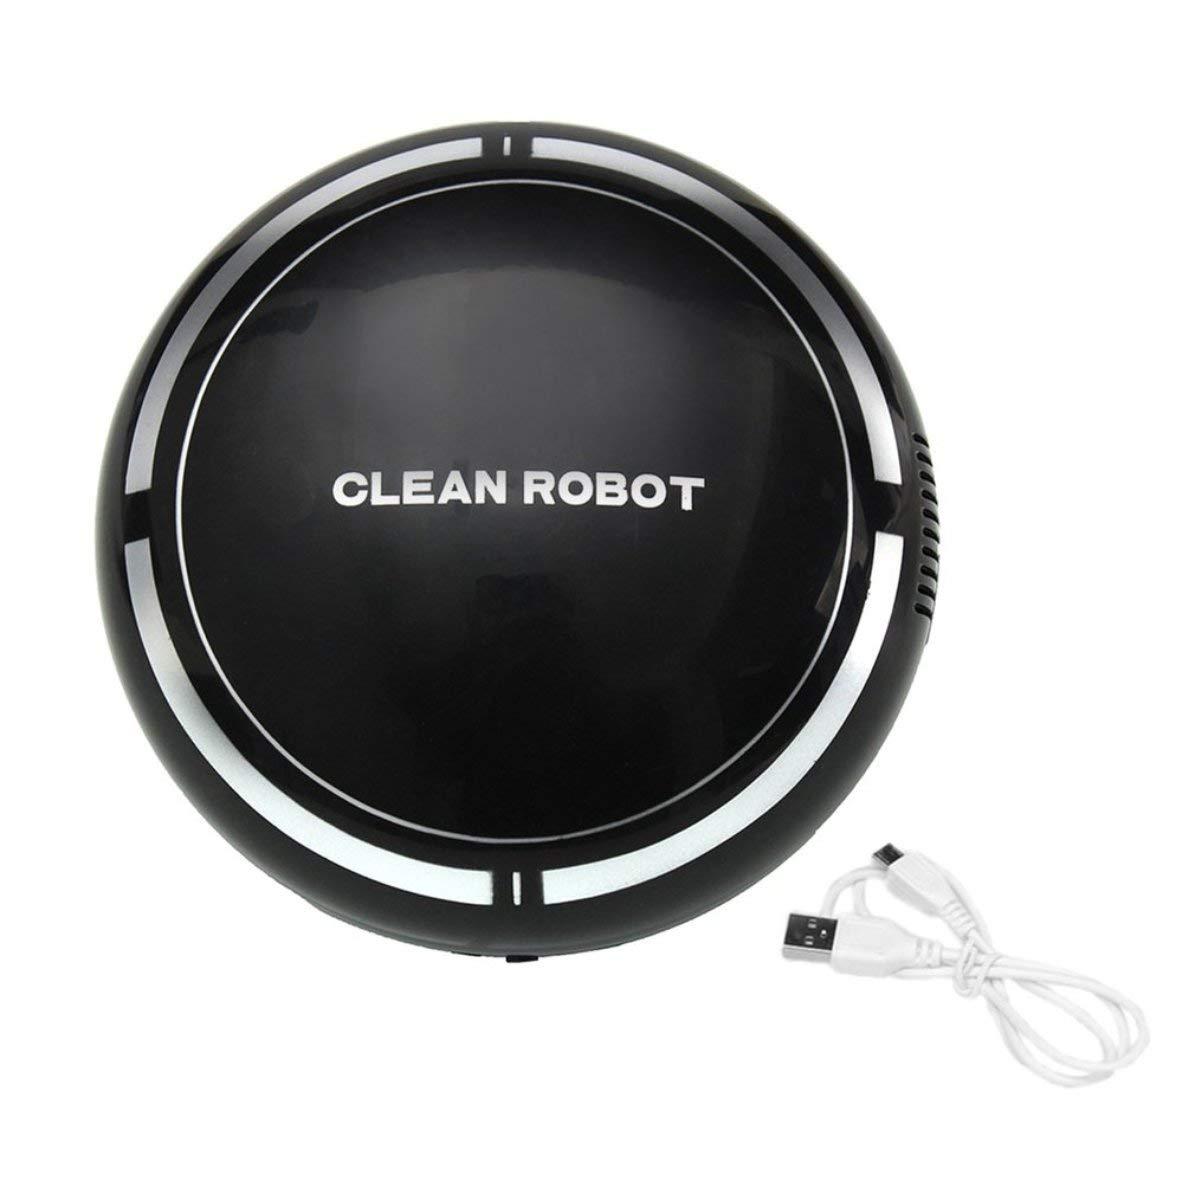 DoMoment USB Recargable Smart Clean Robot Aspirador Automático Limpiador de Pisos Barredor Limpiador Hogar Bajo Ruido Colector de Polvo: Amazon.es: Hogar